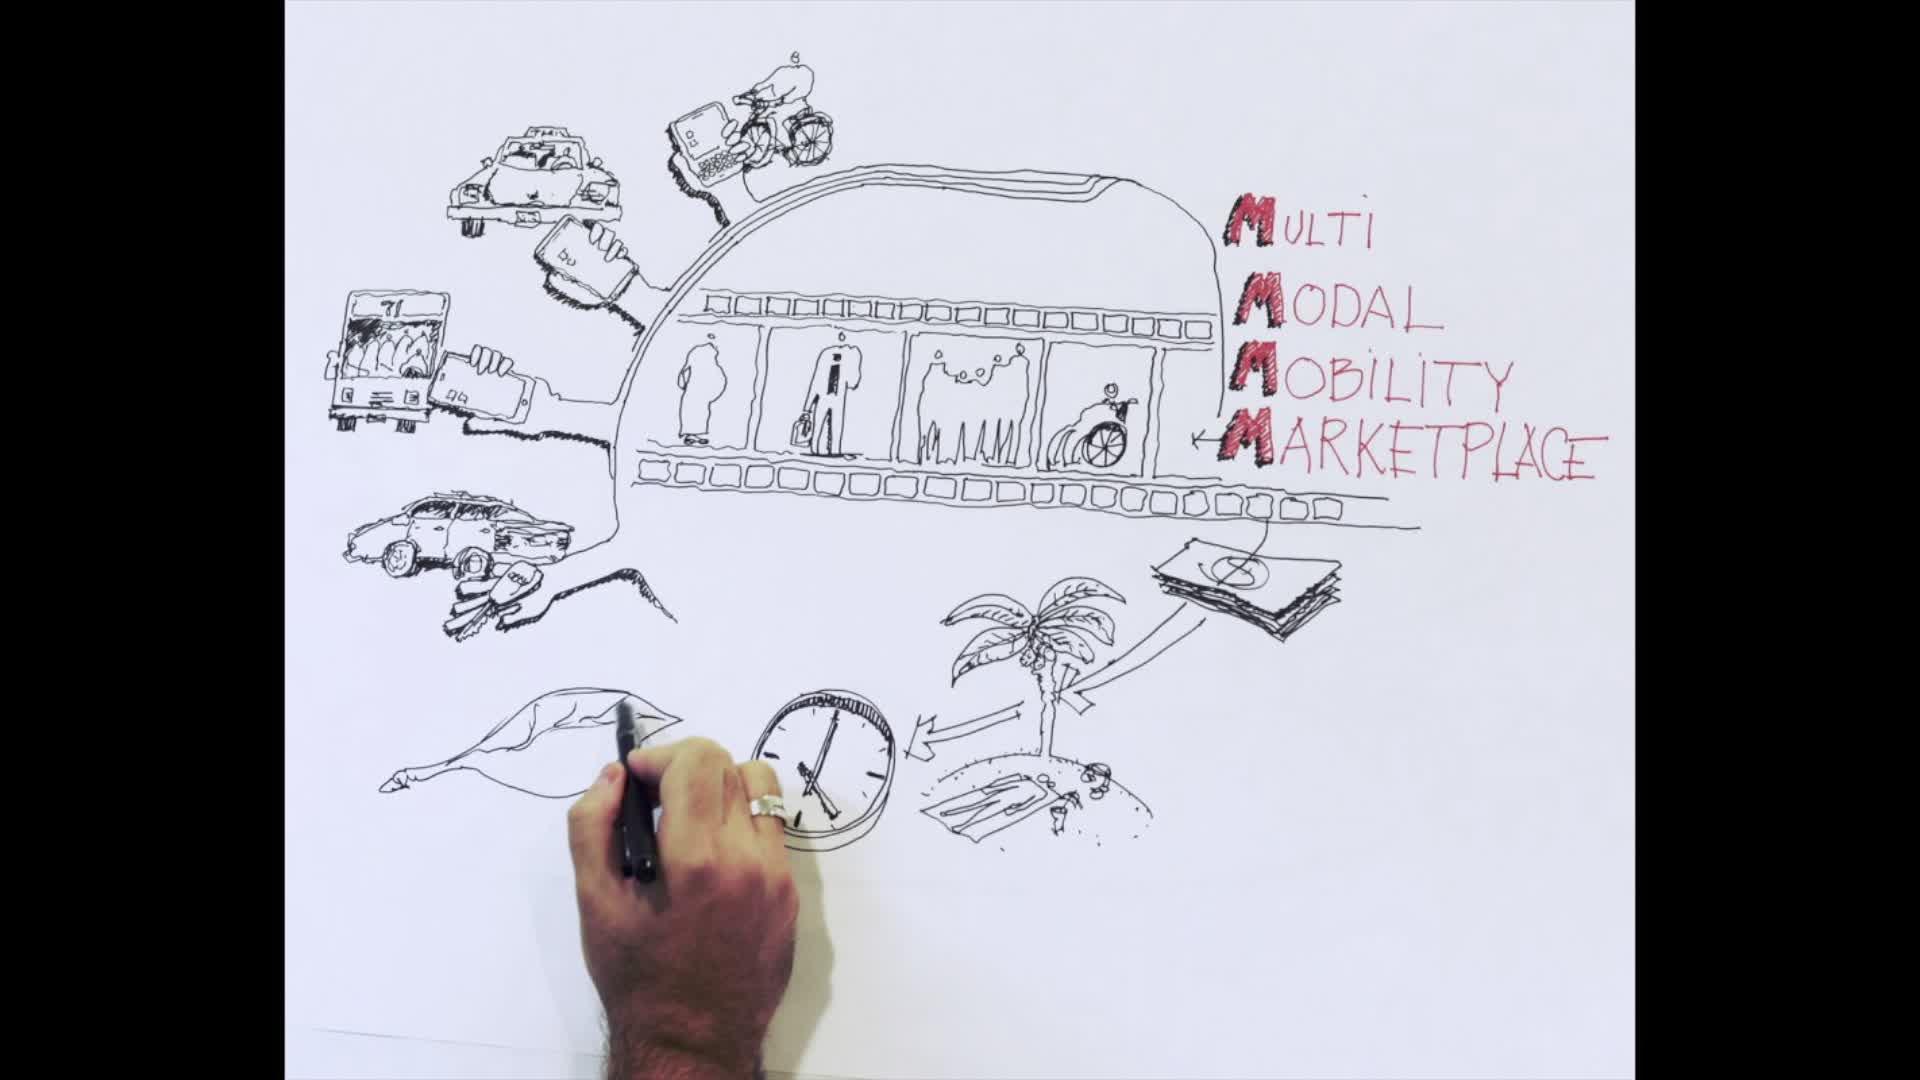 AUFA 2014 - Neuer Online-Marktplatz für Mobilität